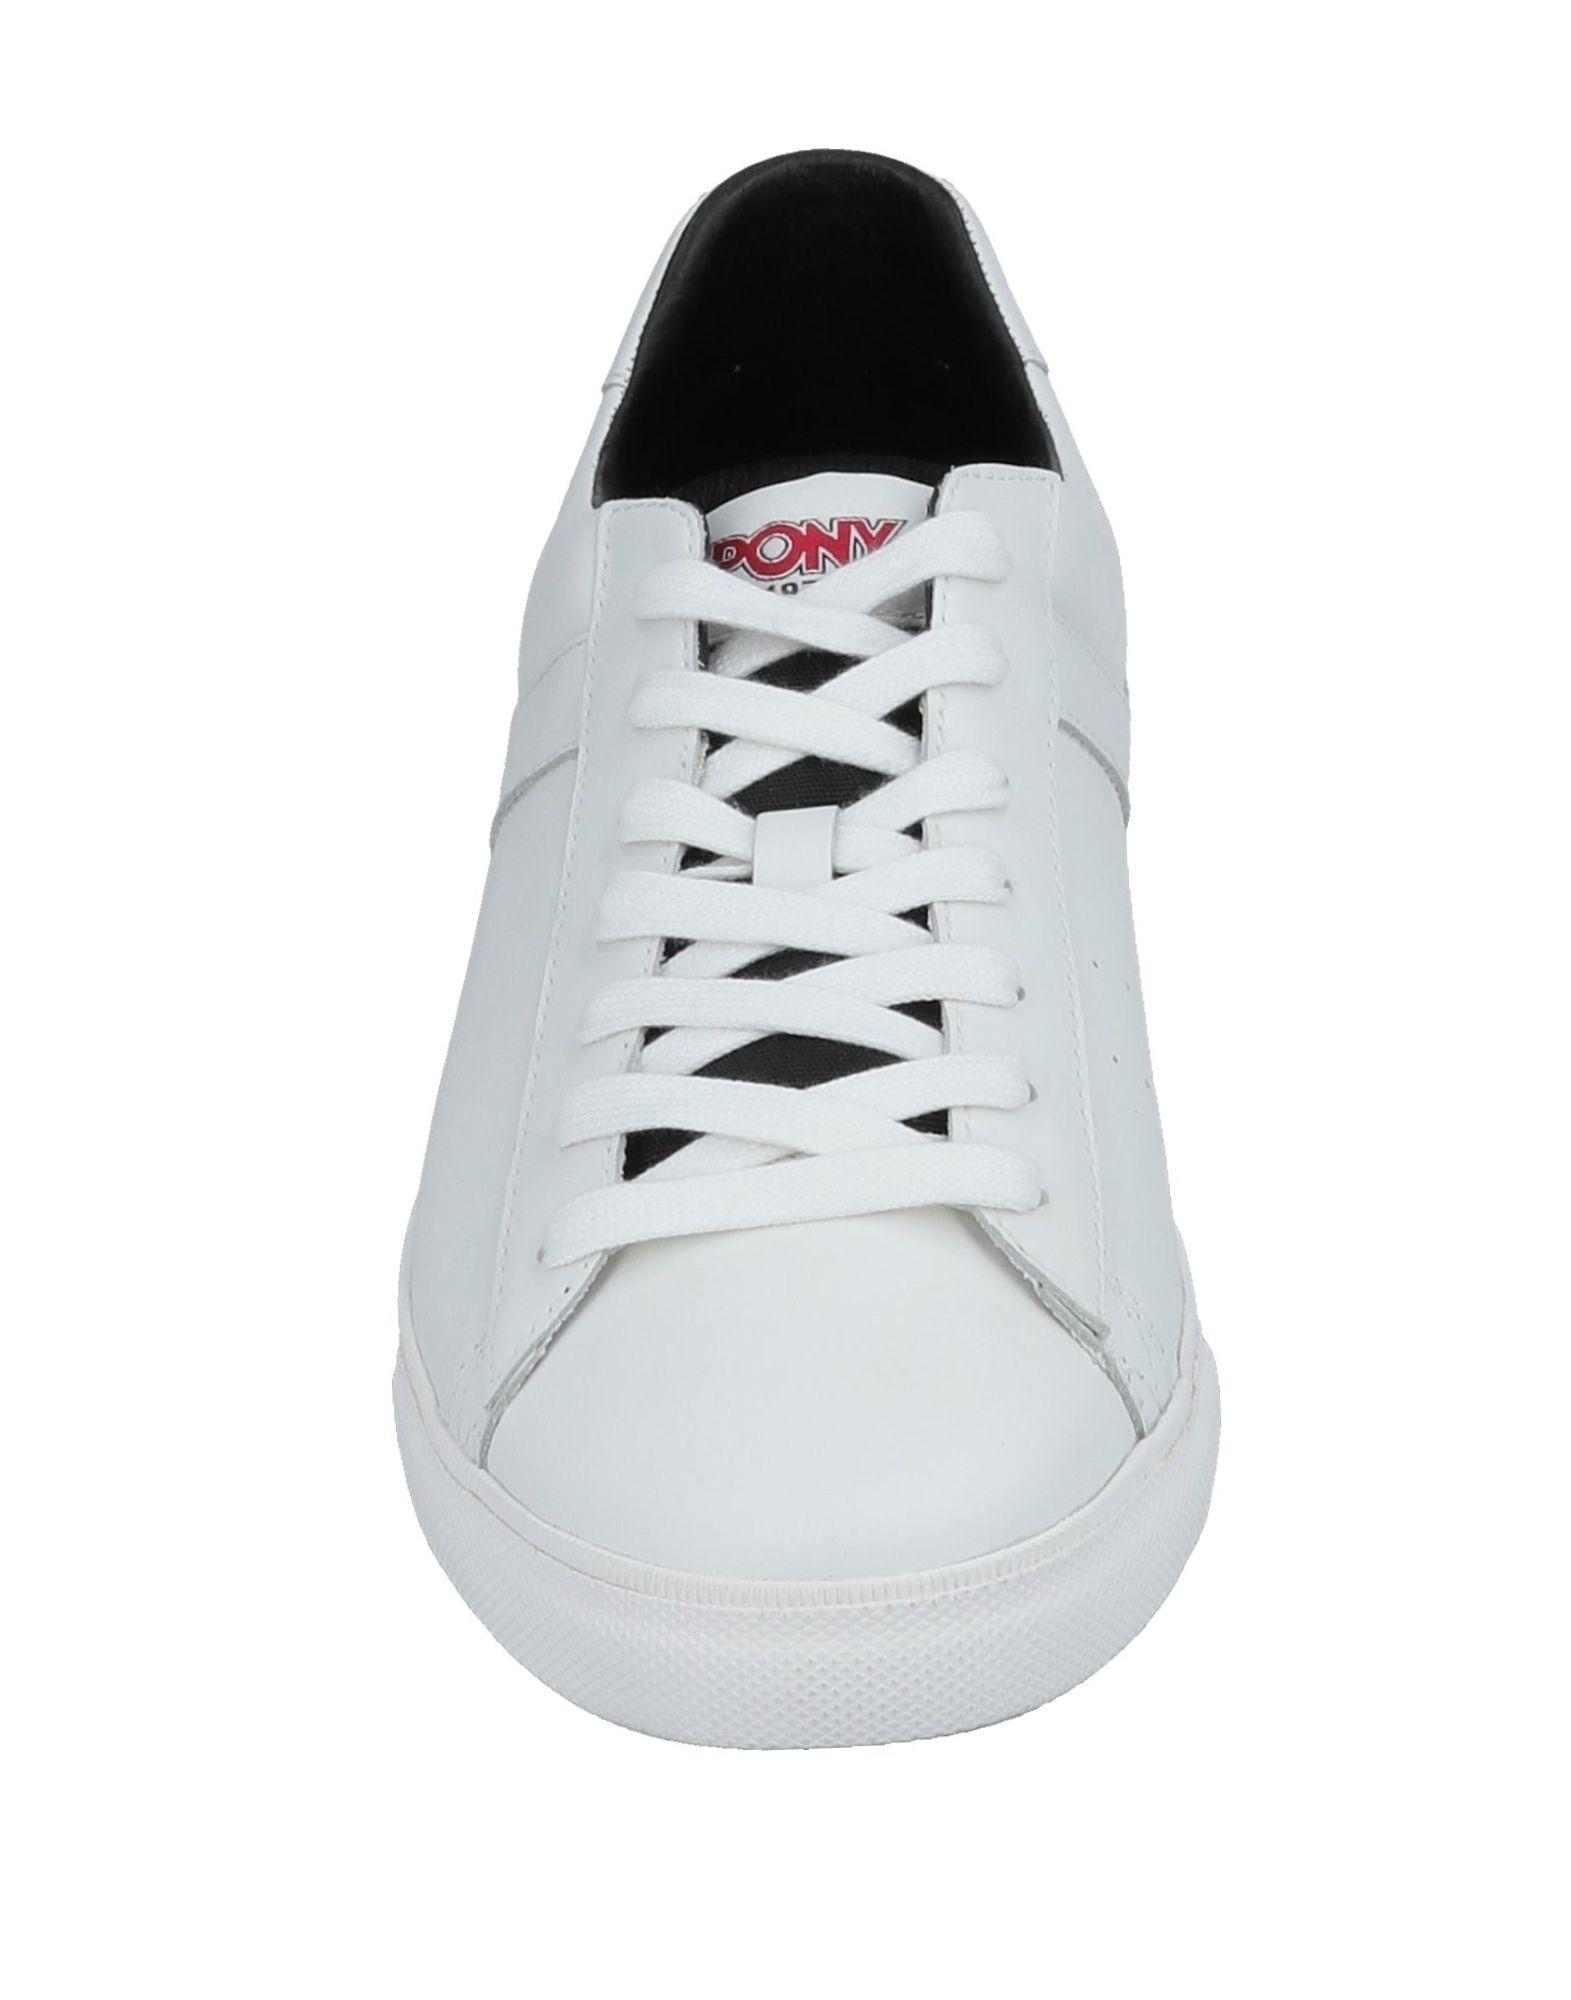 Rabatt echte Schuhe Pony Sneakers 11561207WP Herren  11561207WP Sneakers ec6219